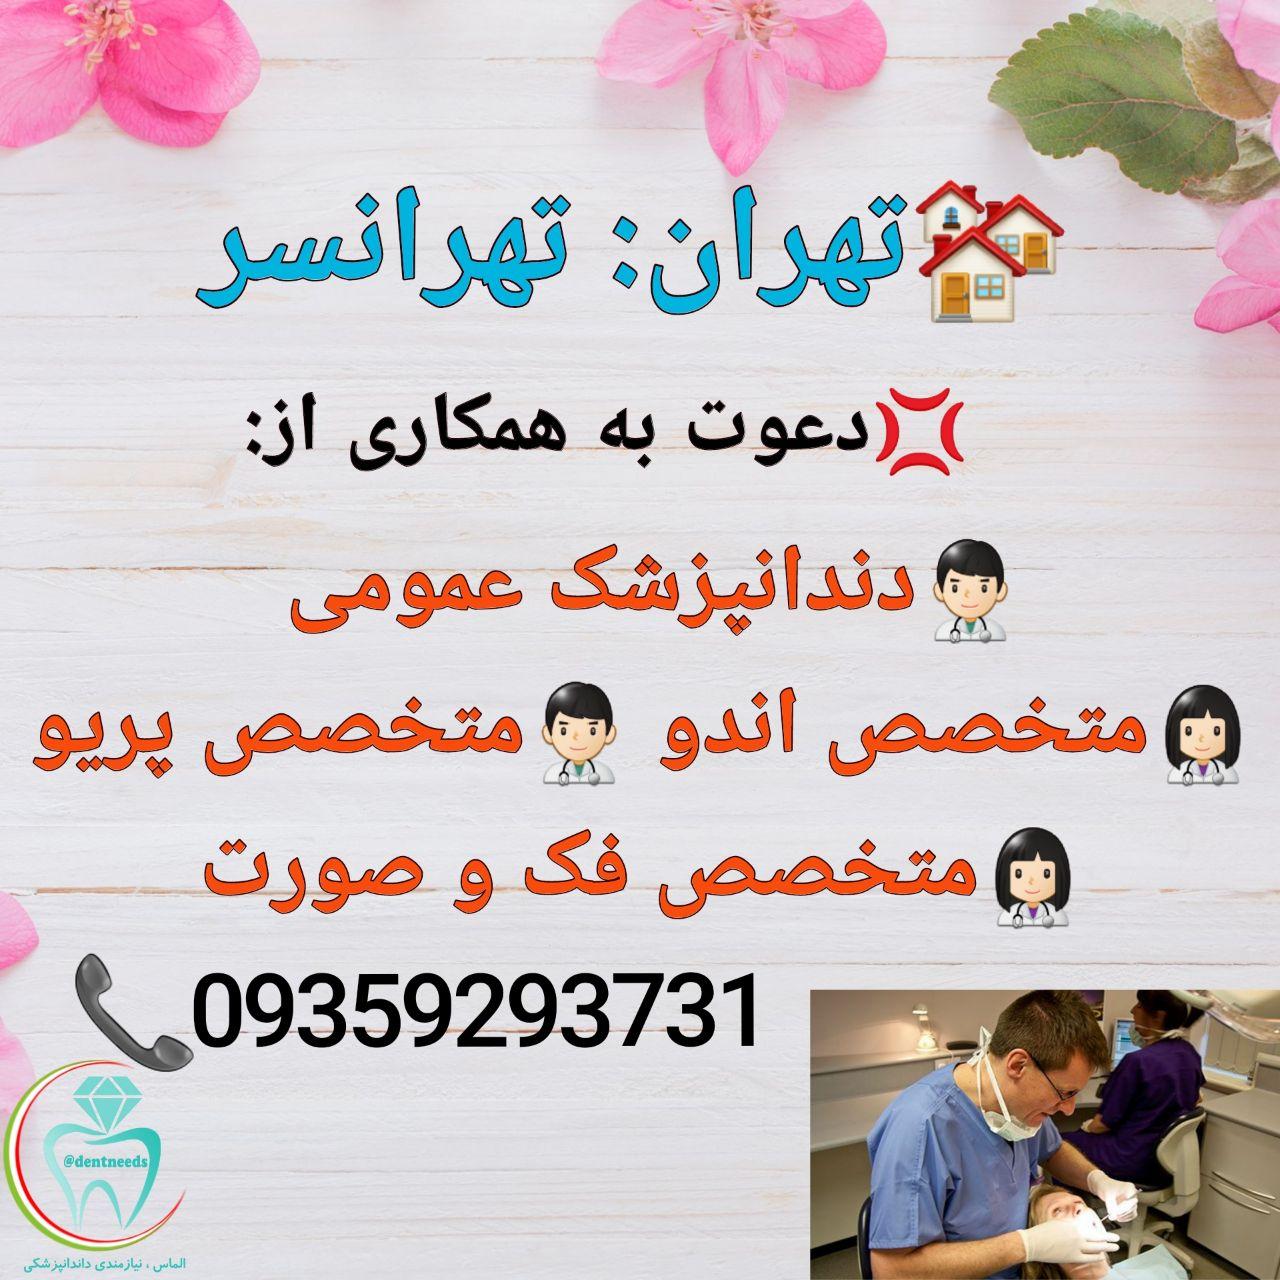 تهران: تهرانسر، نیاز به دندانپزشک عمومی، متخصص اندو، و متخصص پریو، متخصص فک و صورت